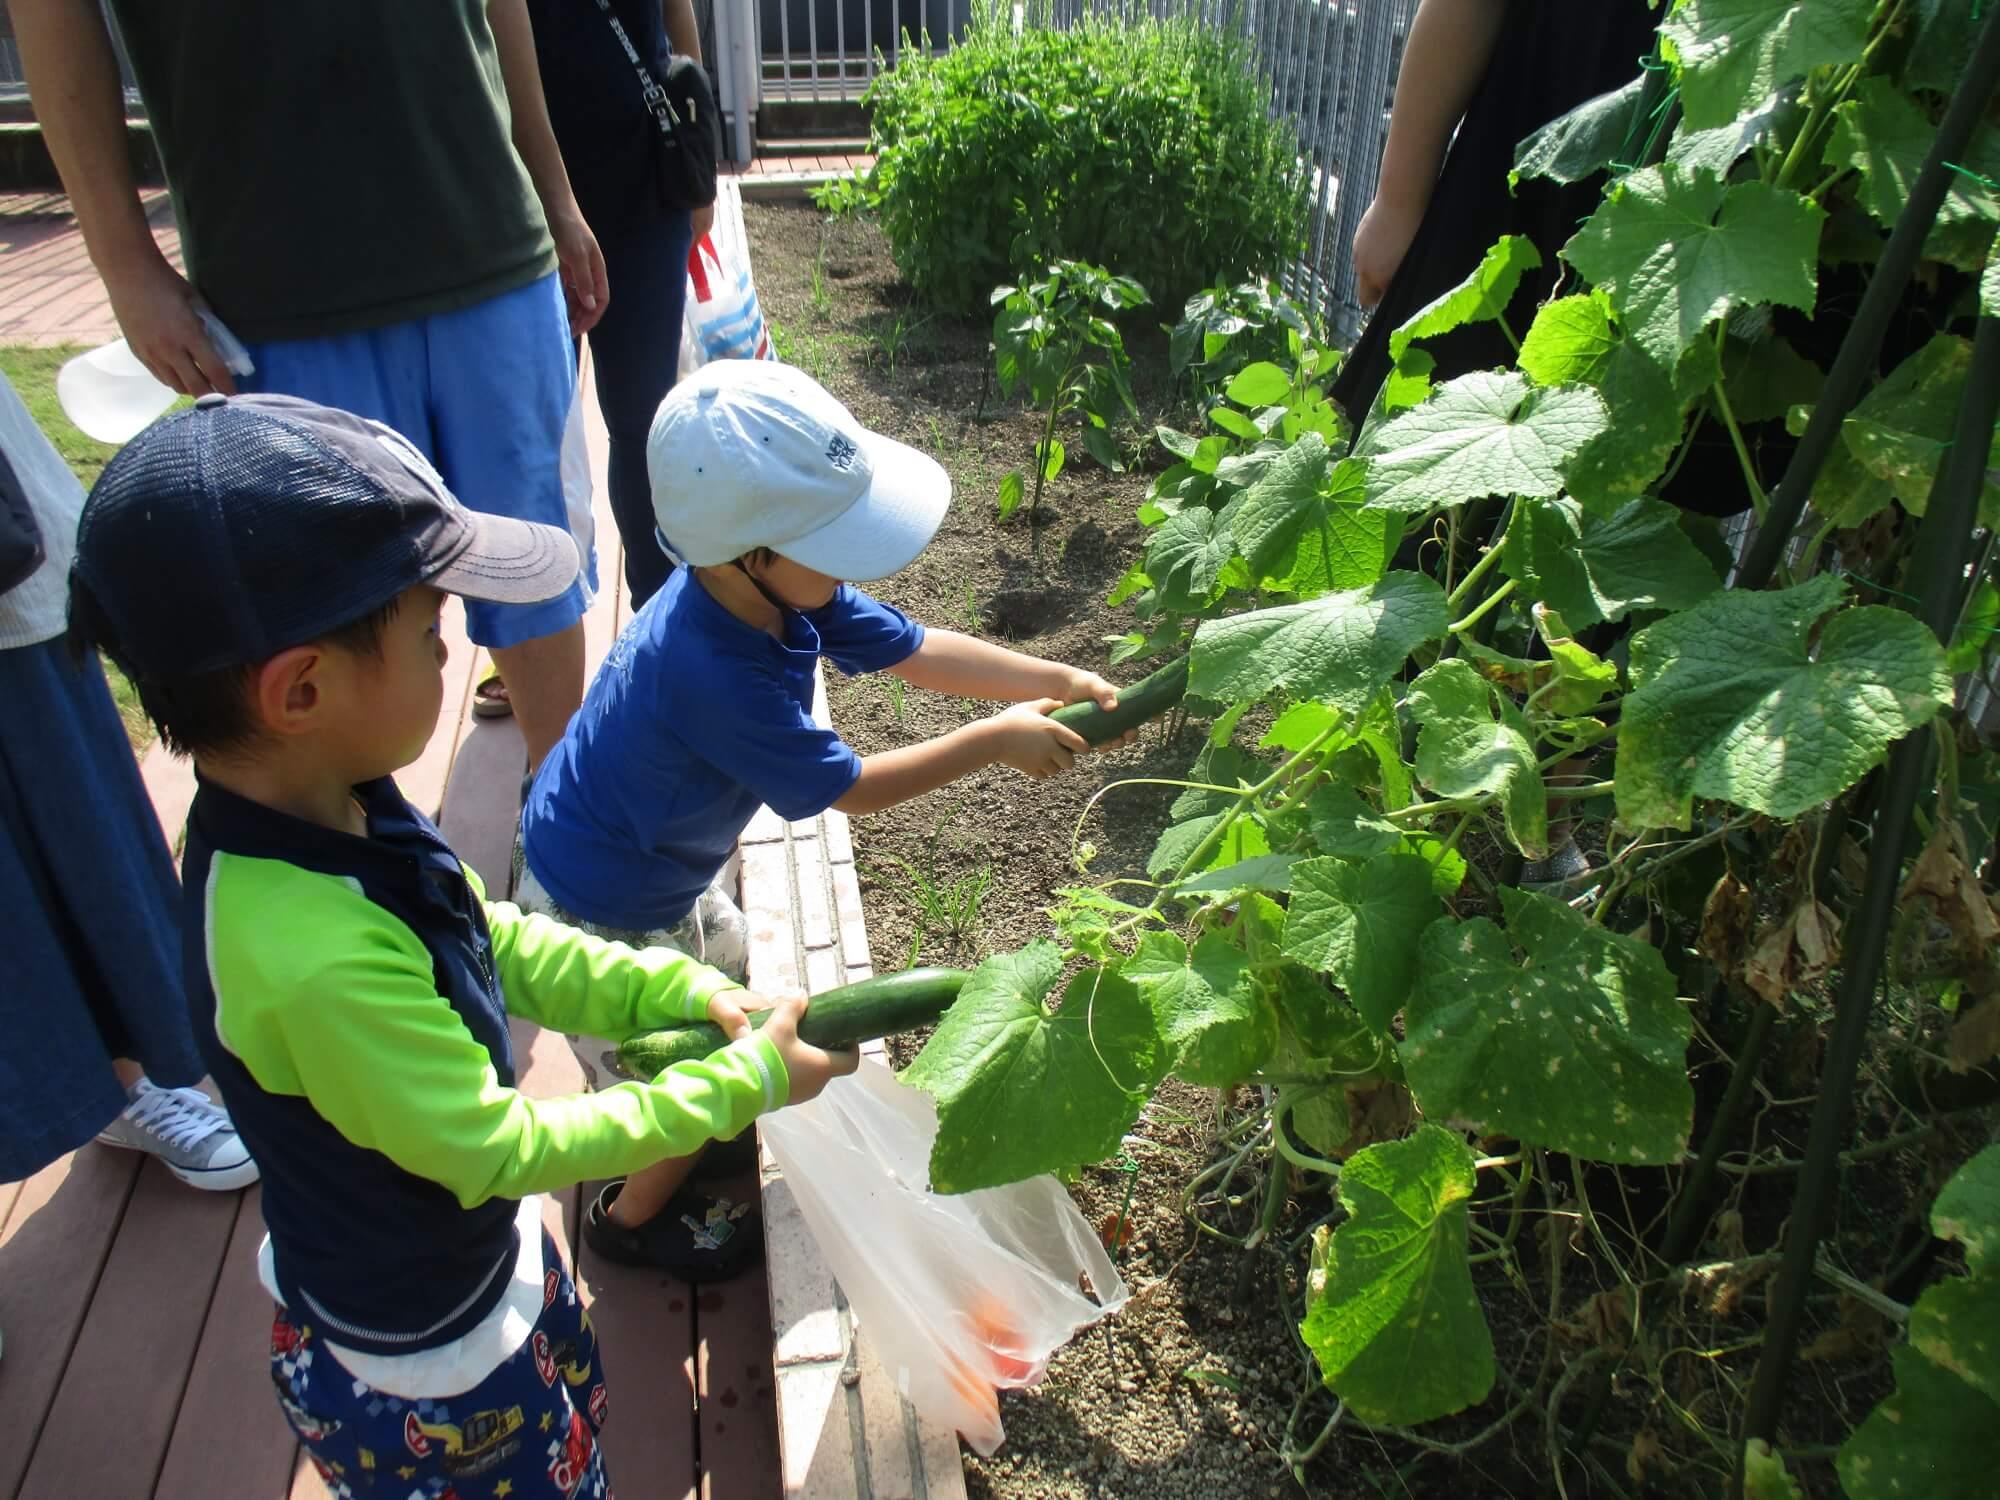 おばけキュウリを収穫する子供